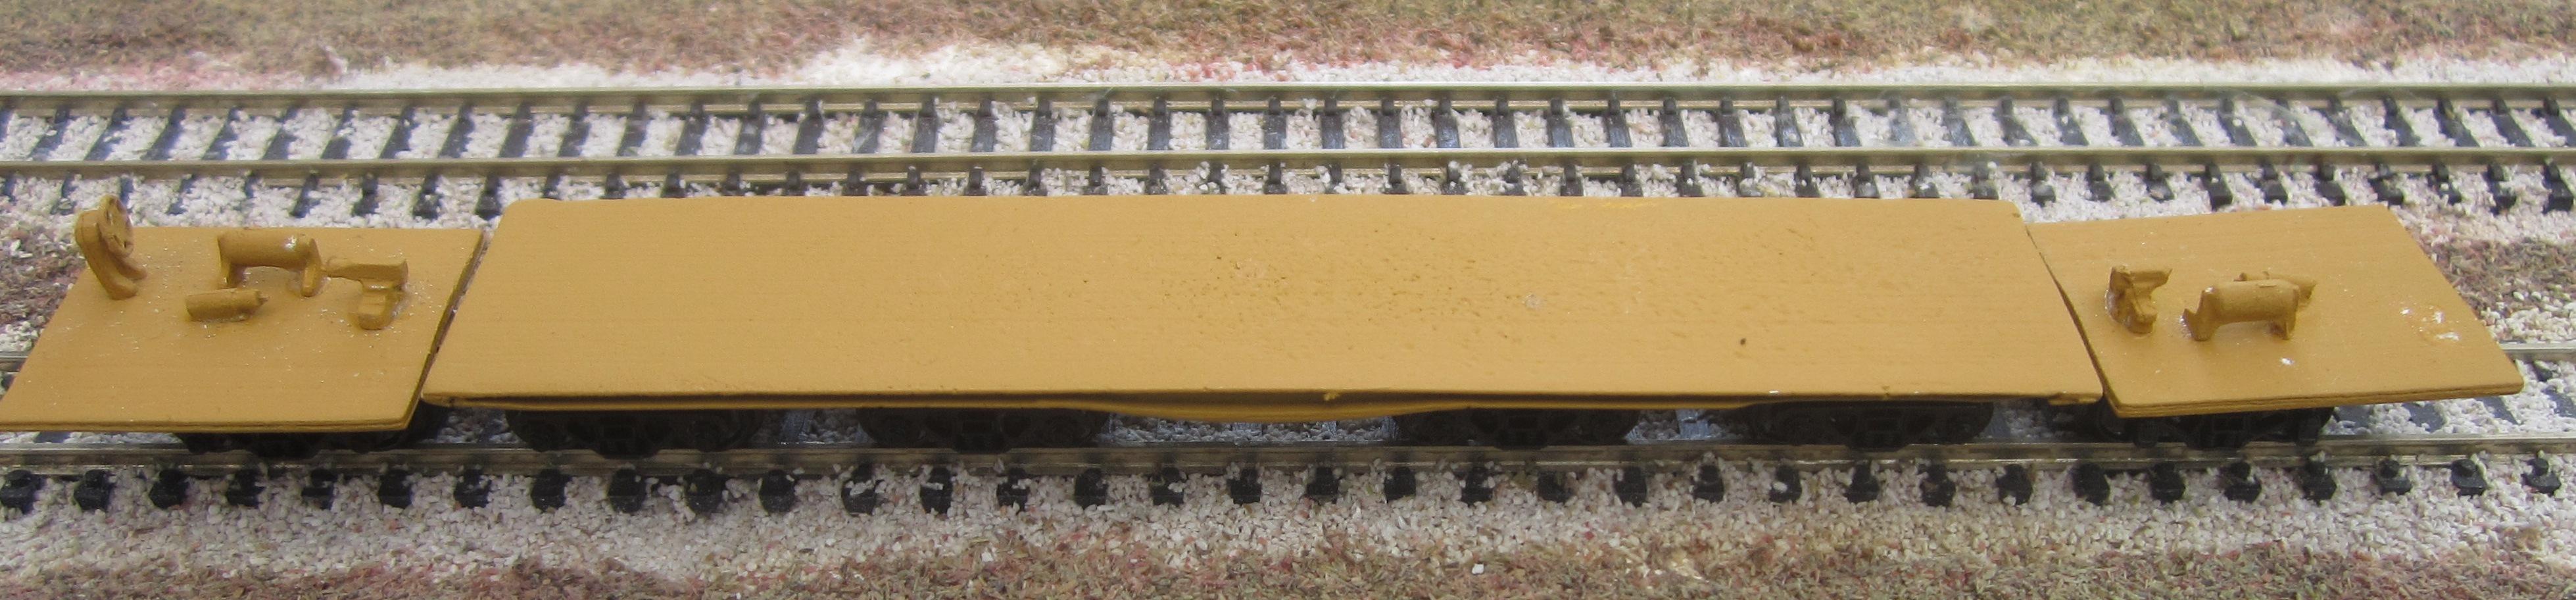 N Scale - N Scale Kits - NS171 - Flatcar, Heavy Duty - Undecorated